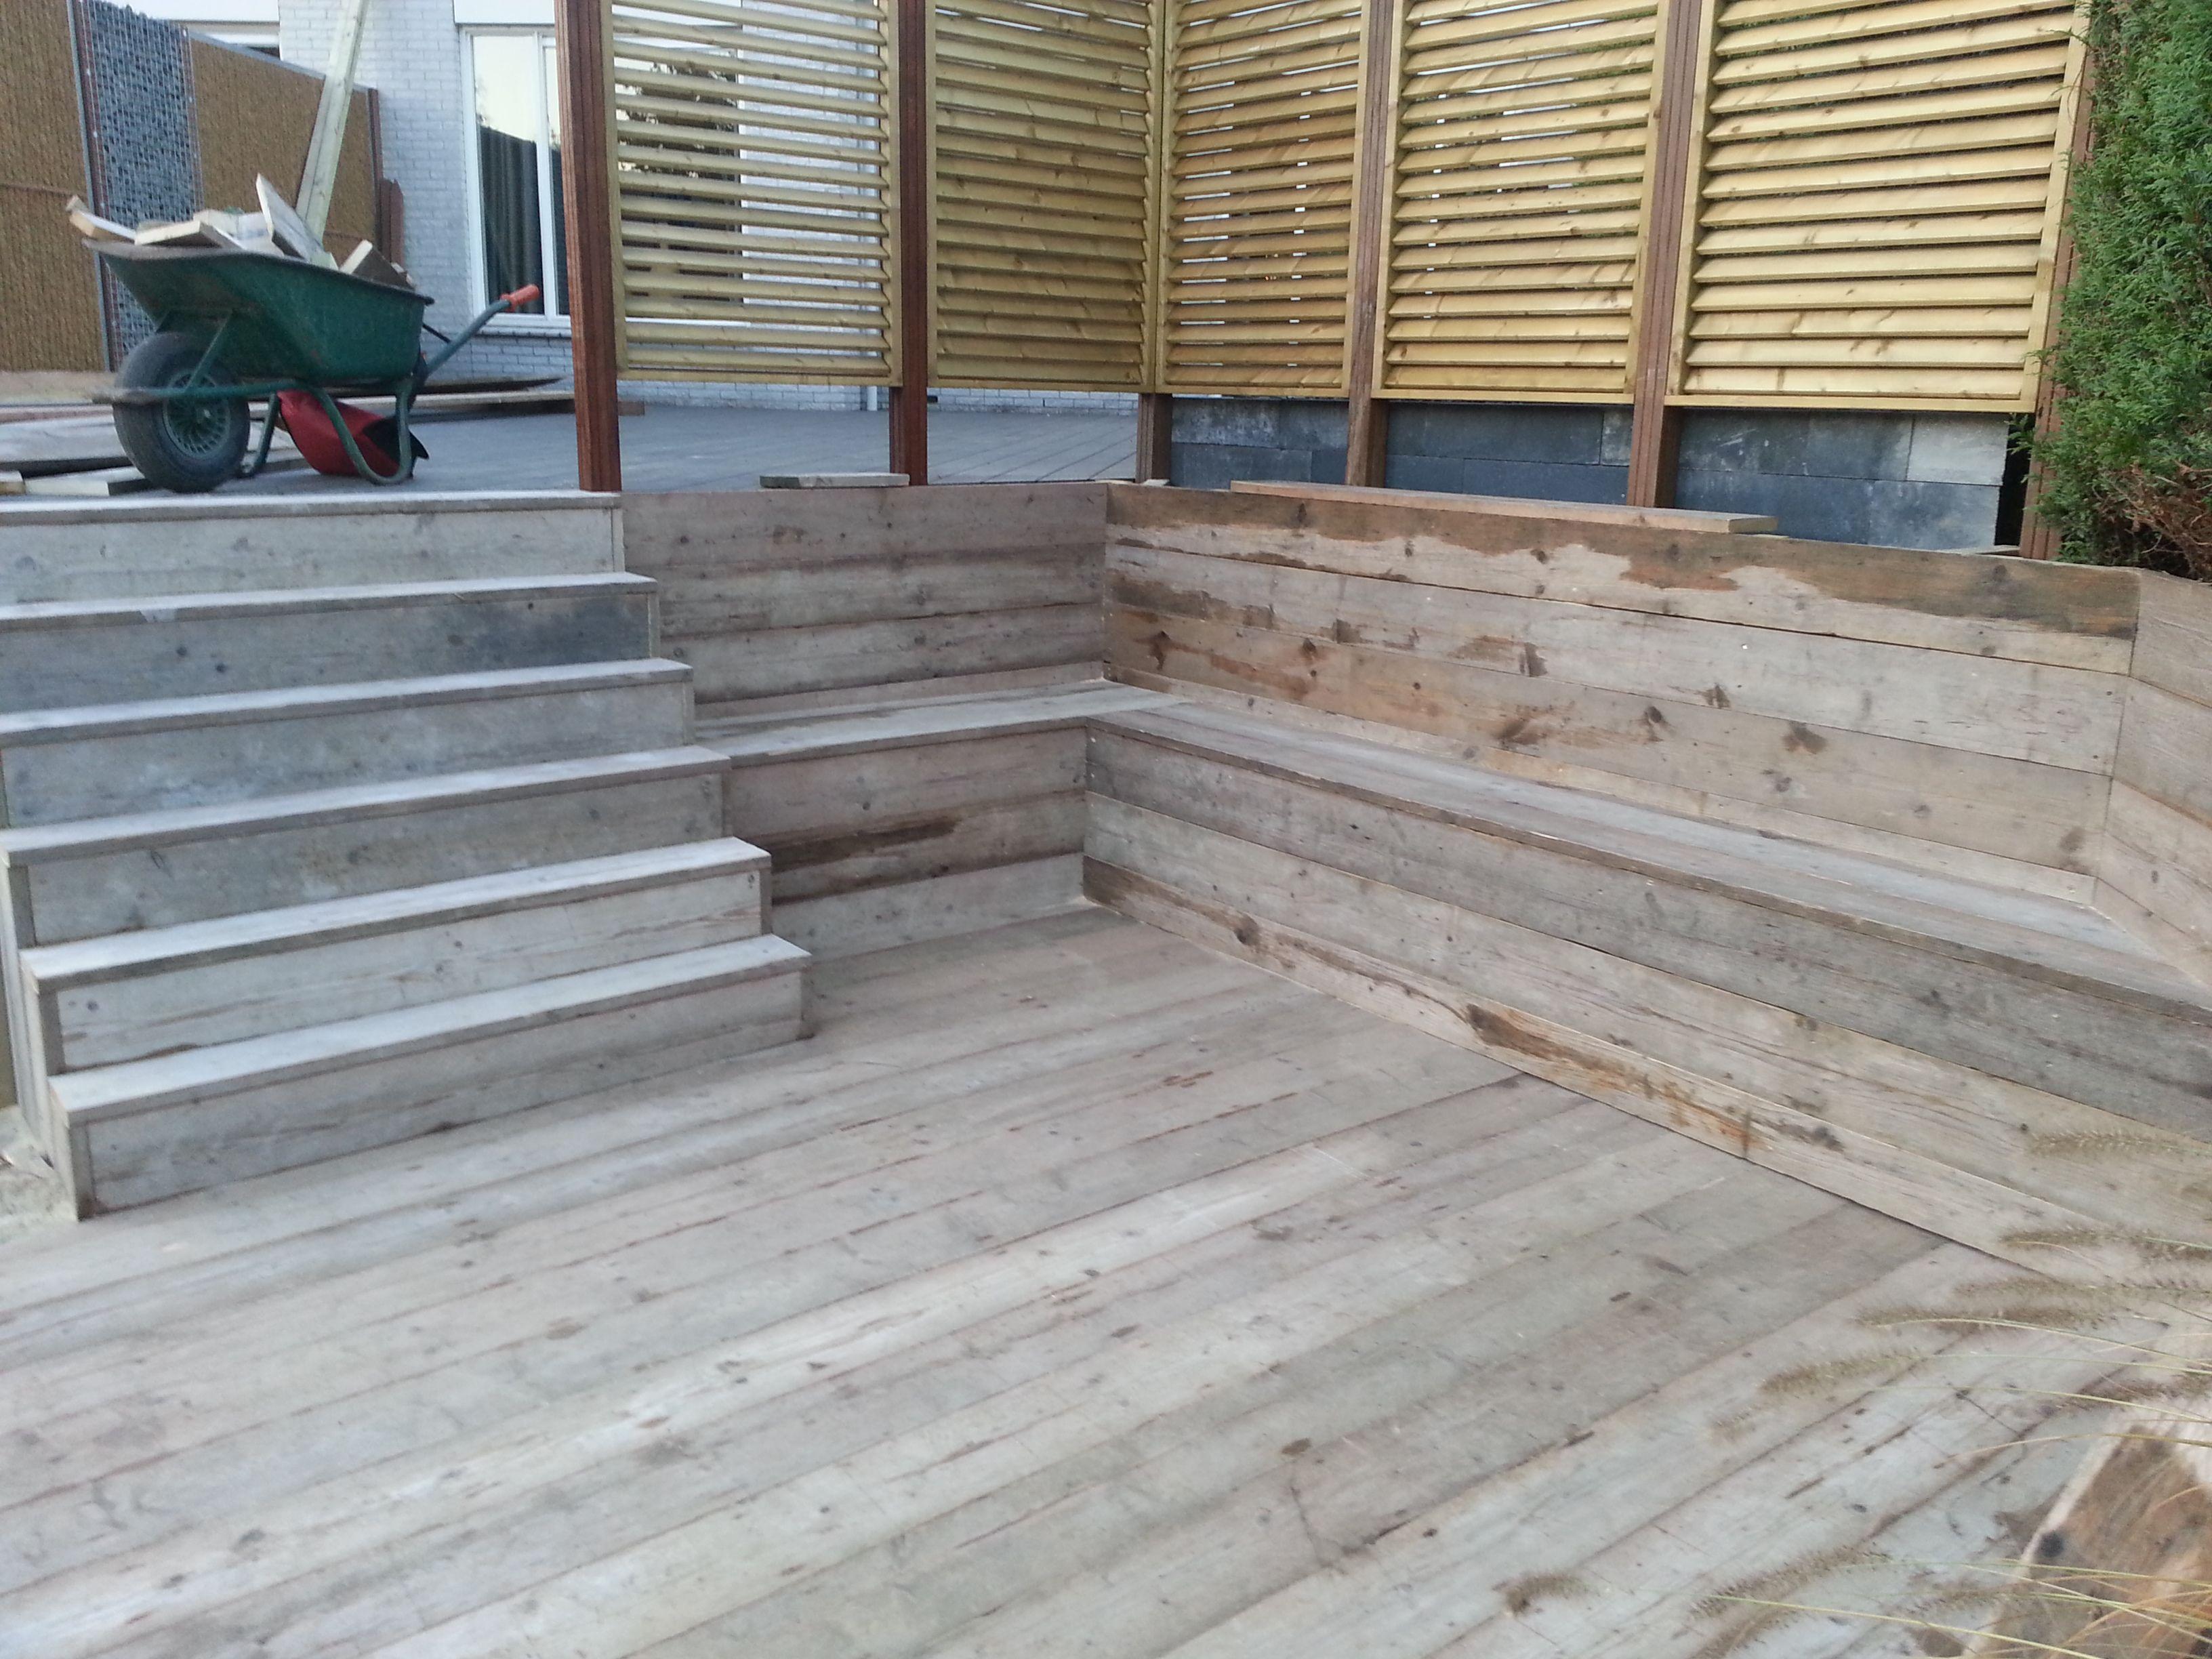 Stijger planken vlonder planken een prachtig natuurproduct ze zijn geschikt voor elk terras - Bank terras hout ...